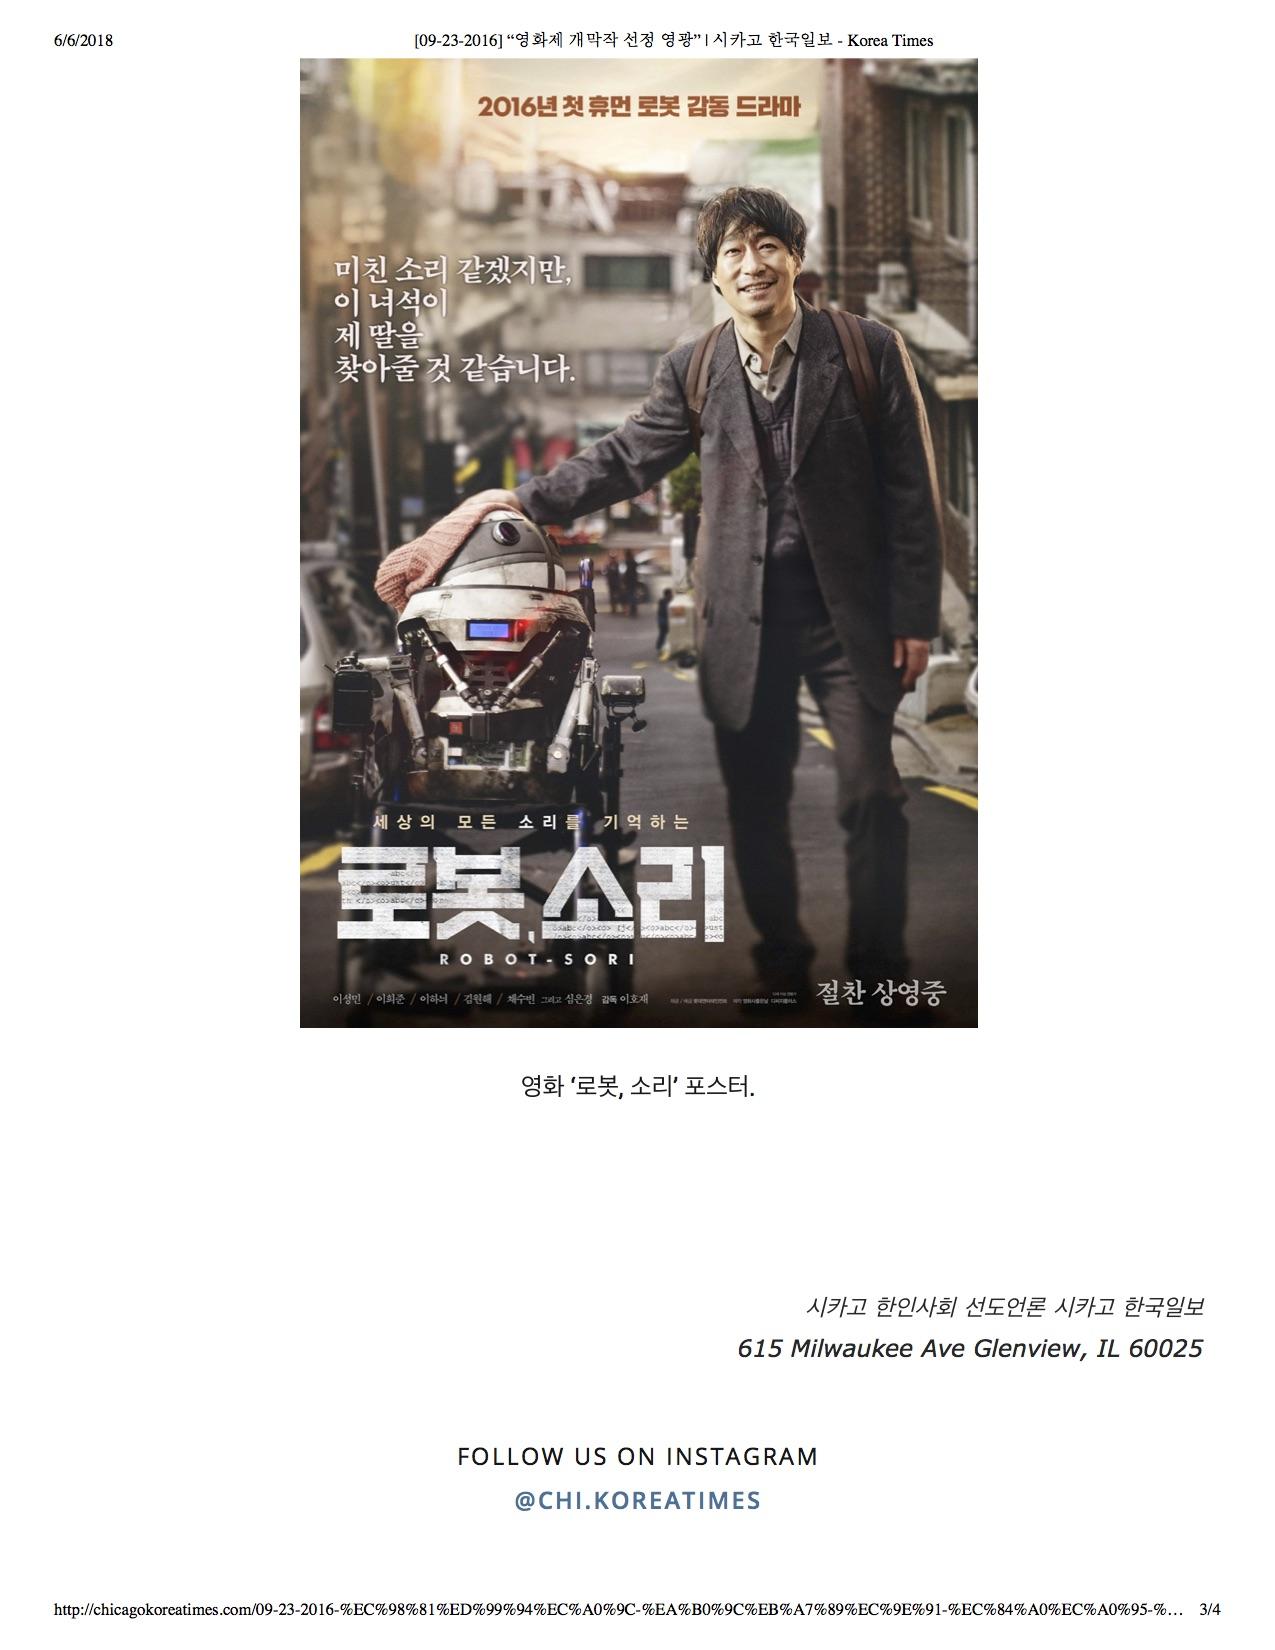 """3[09-23-2016] """"영화제 개막작 선정 영광"""" _ 시카고 한국일보 - Korea Times.jpg"""